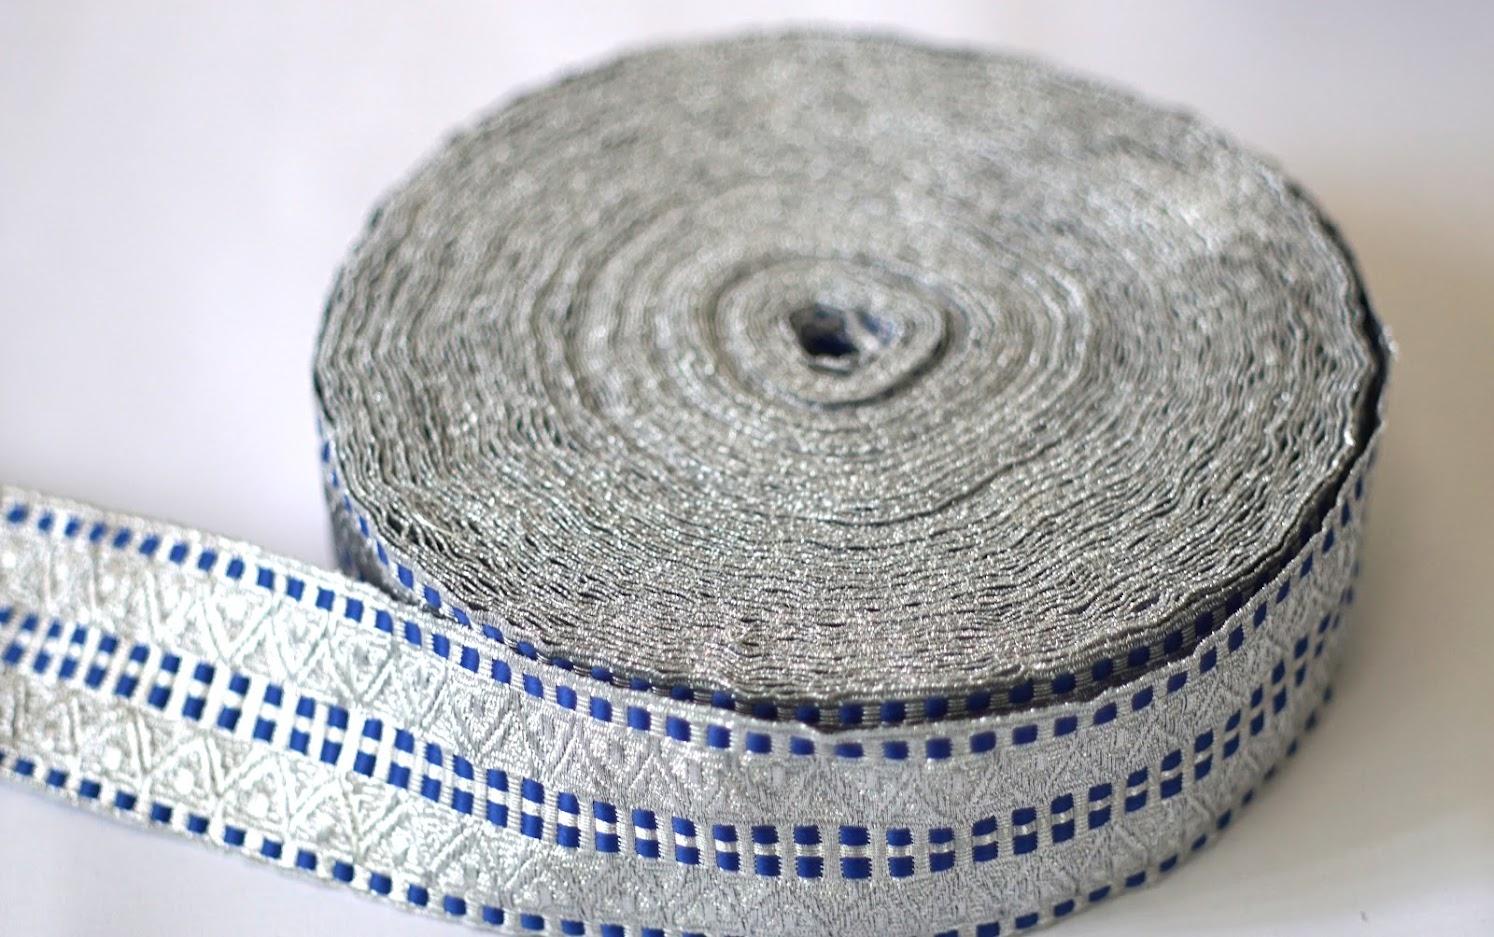 Proizvodnja ešarpi i traka za ešarpe. Made by SZR Mali Globus